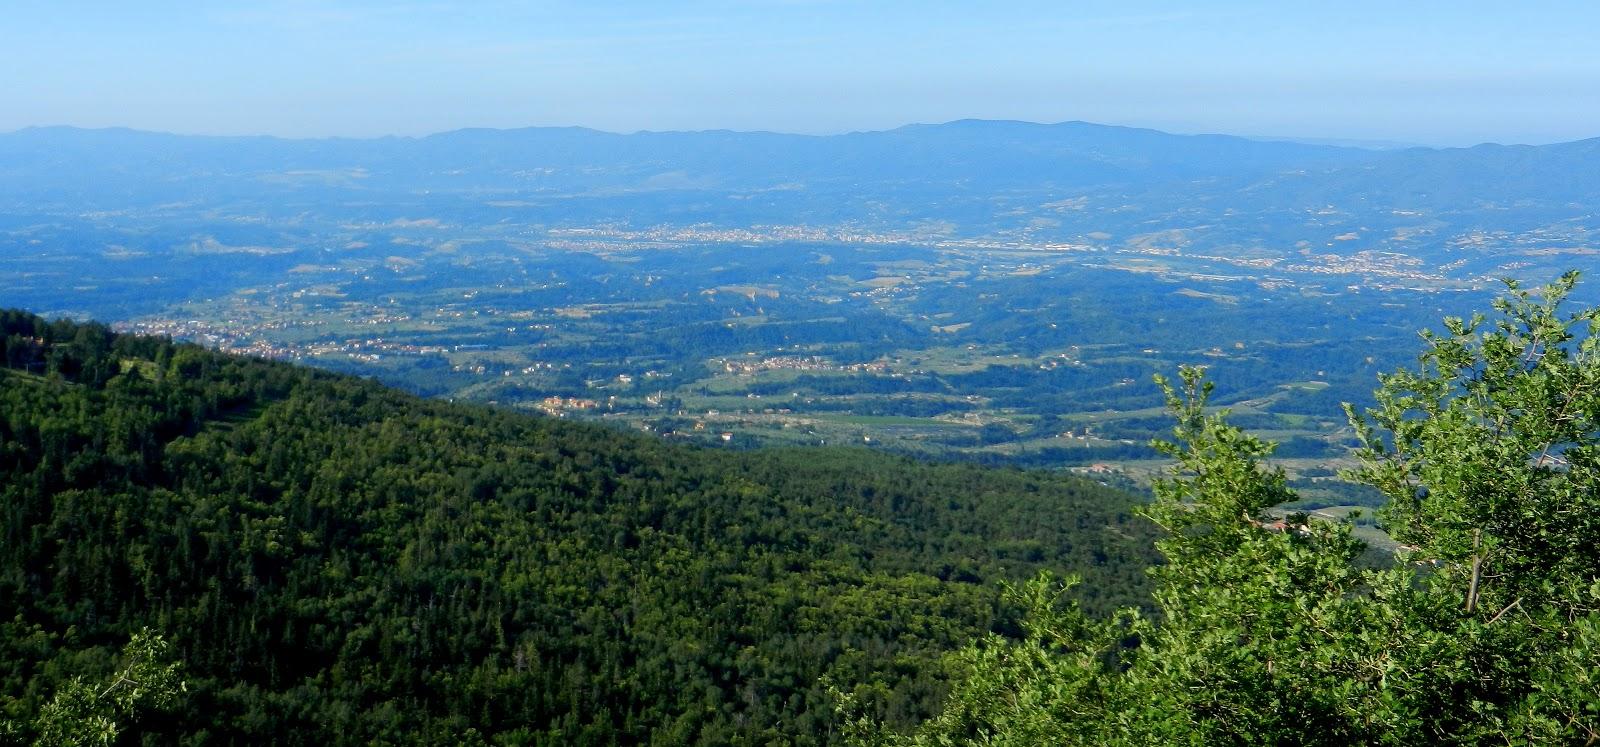 Il Pratone di Vallombrosa dentro la foresta di abeti  La mia bella Toscana